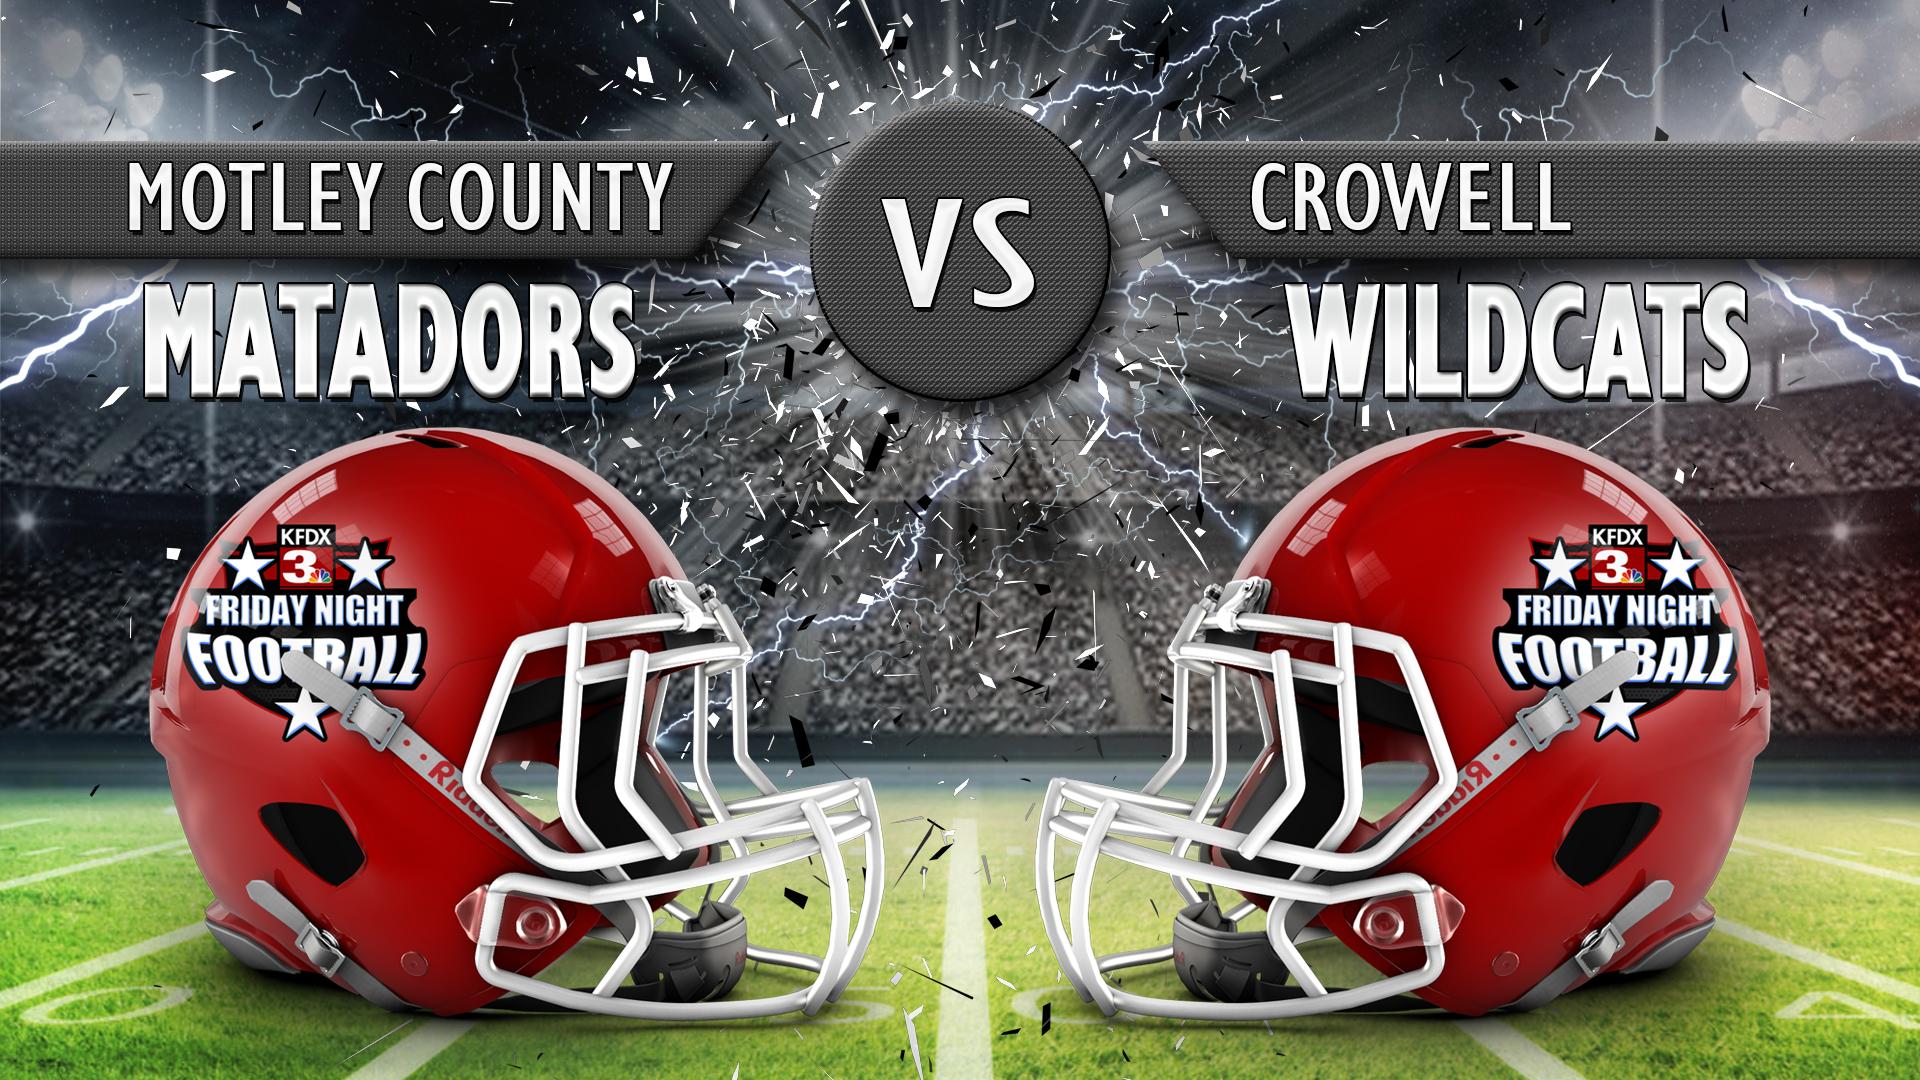 MOTLEY COUNTY VS CROWELL_1537547809961.jpg.jpg